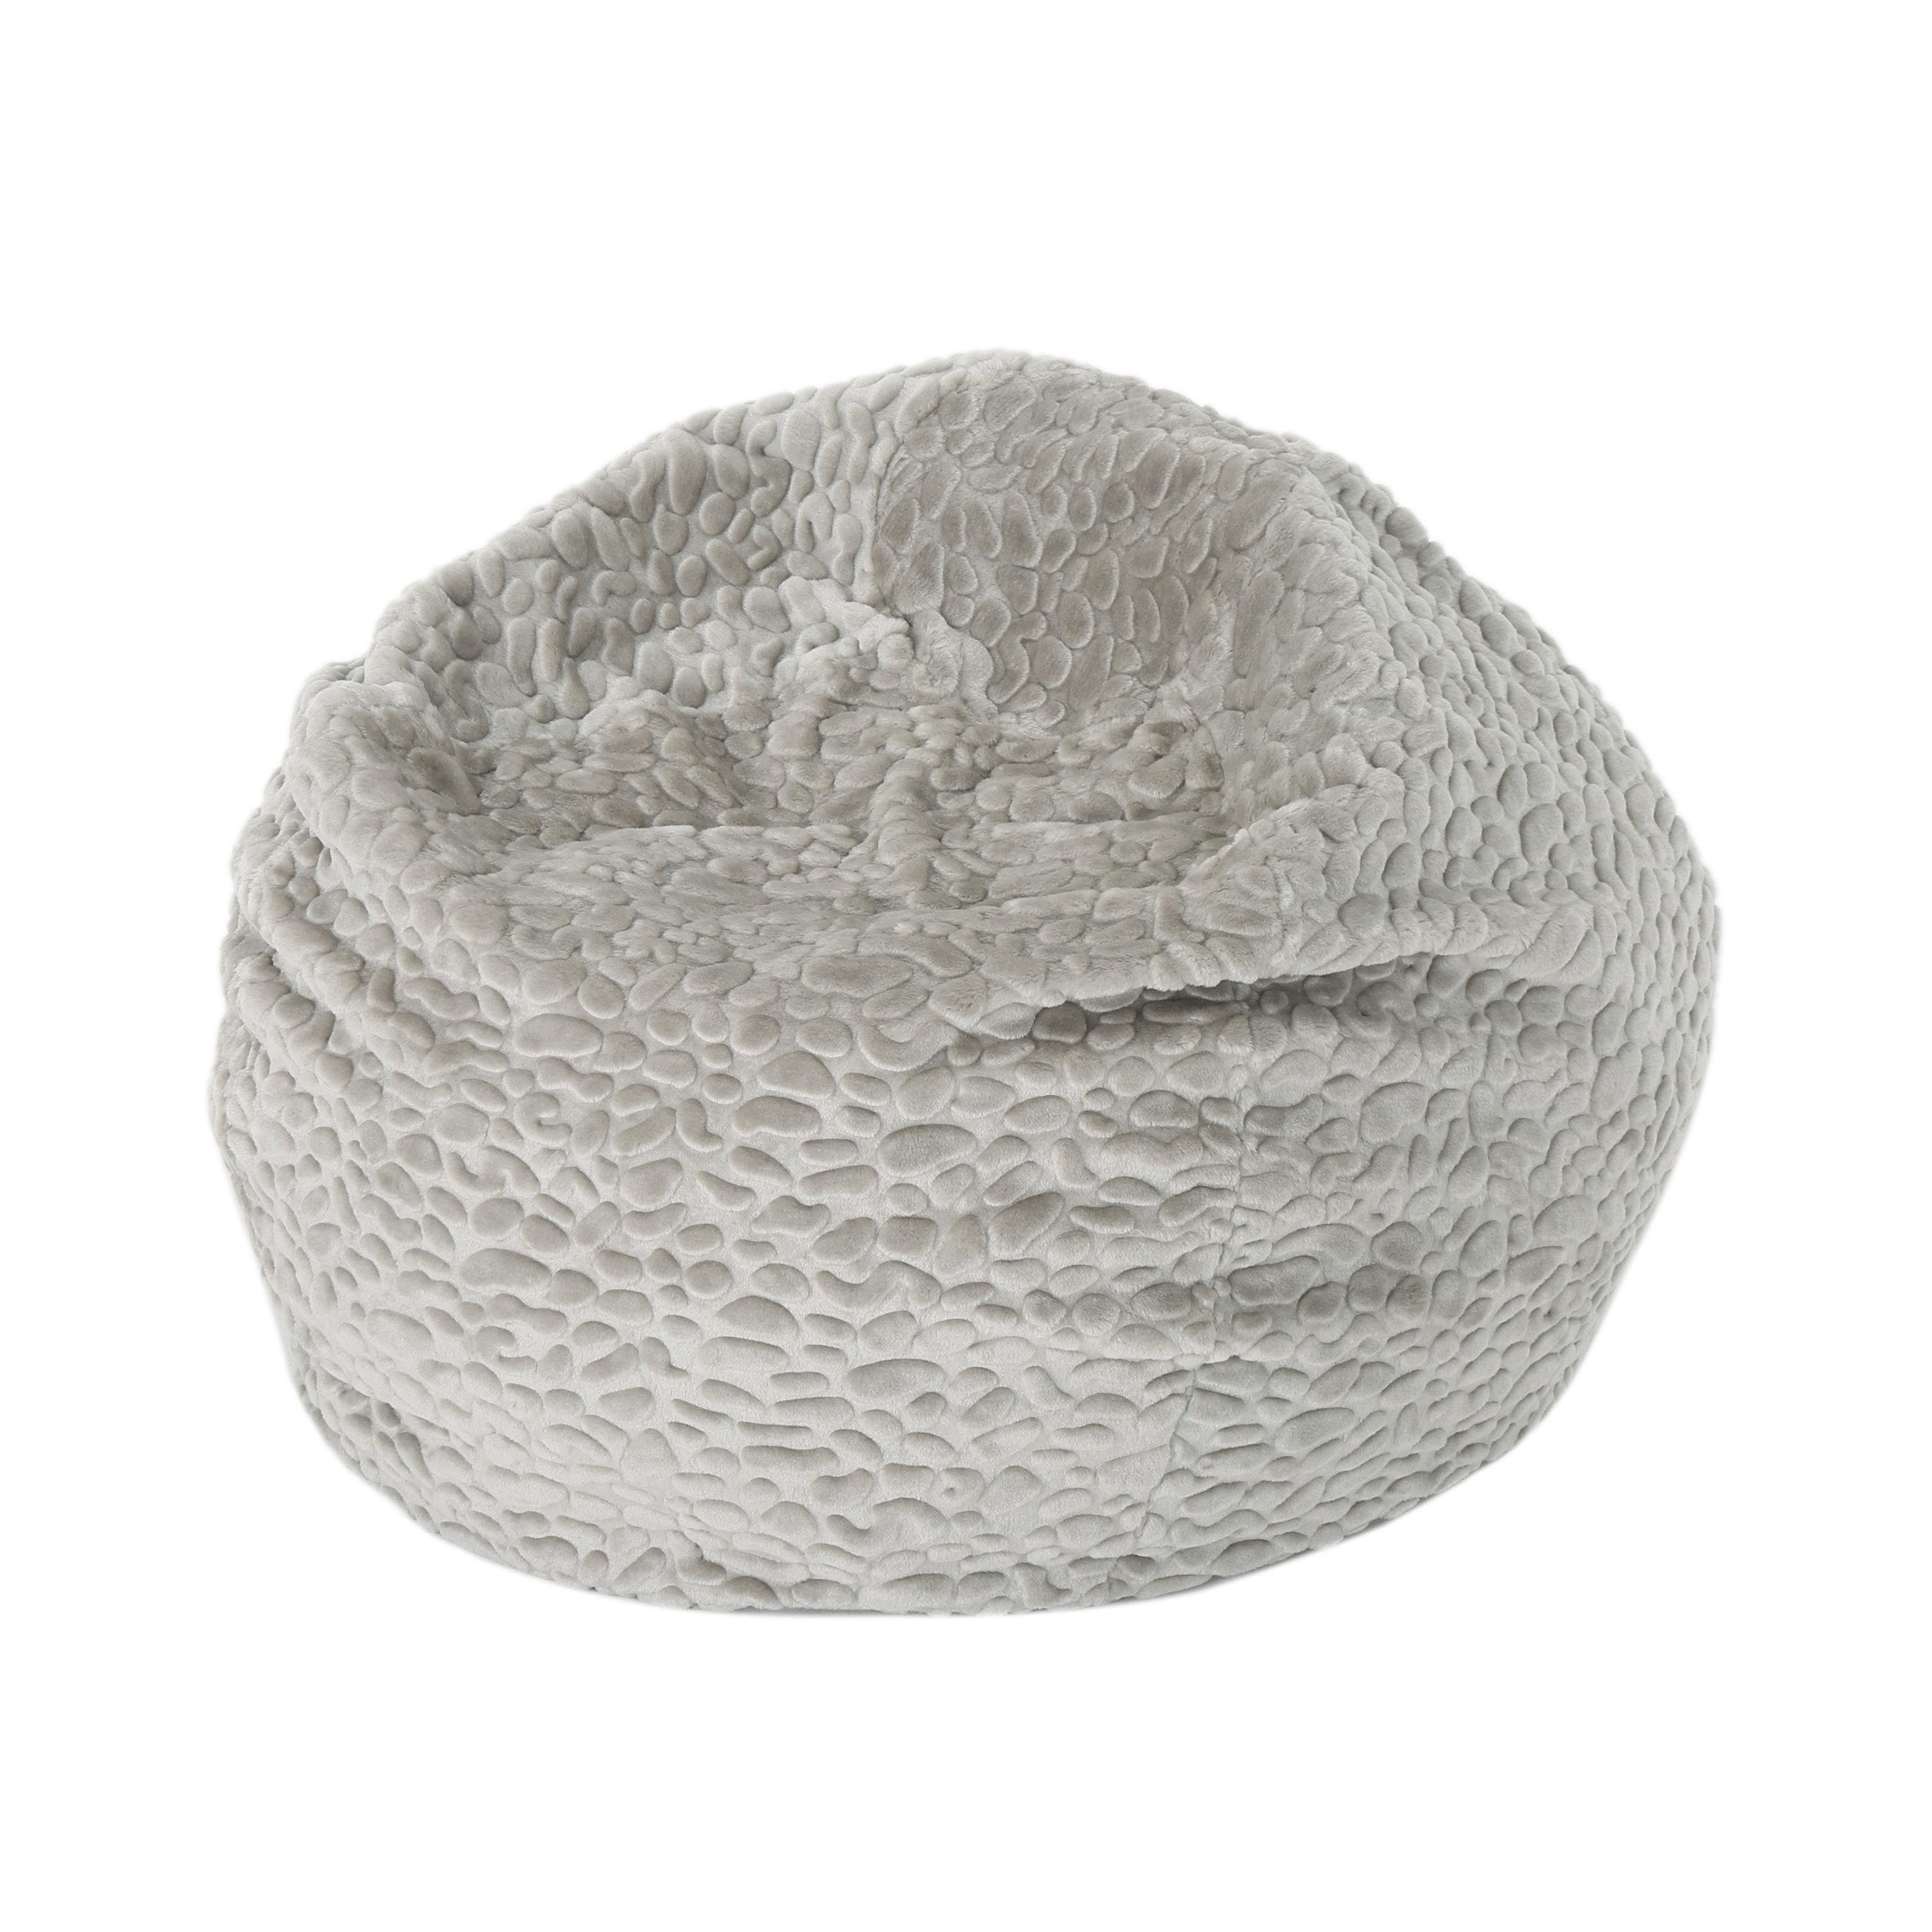 30111ec02d44a Greyleigh Hamblen Bean Bag Chair   Reviews